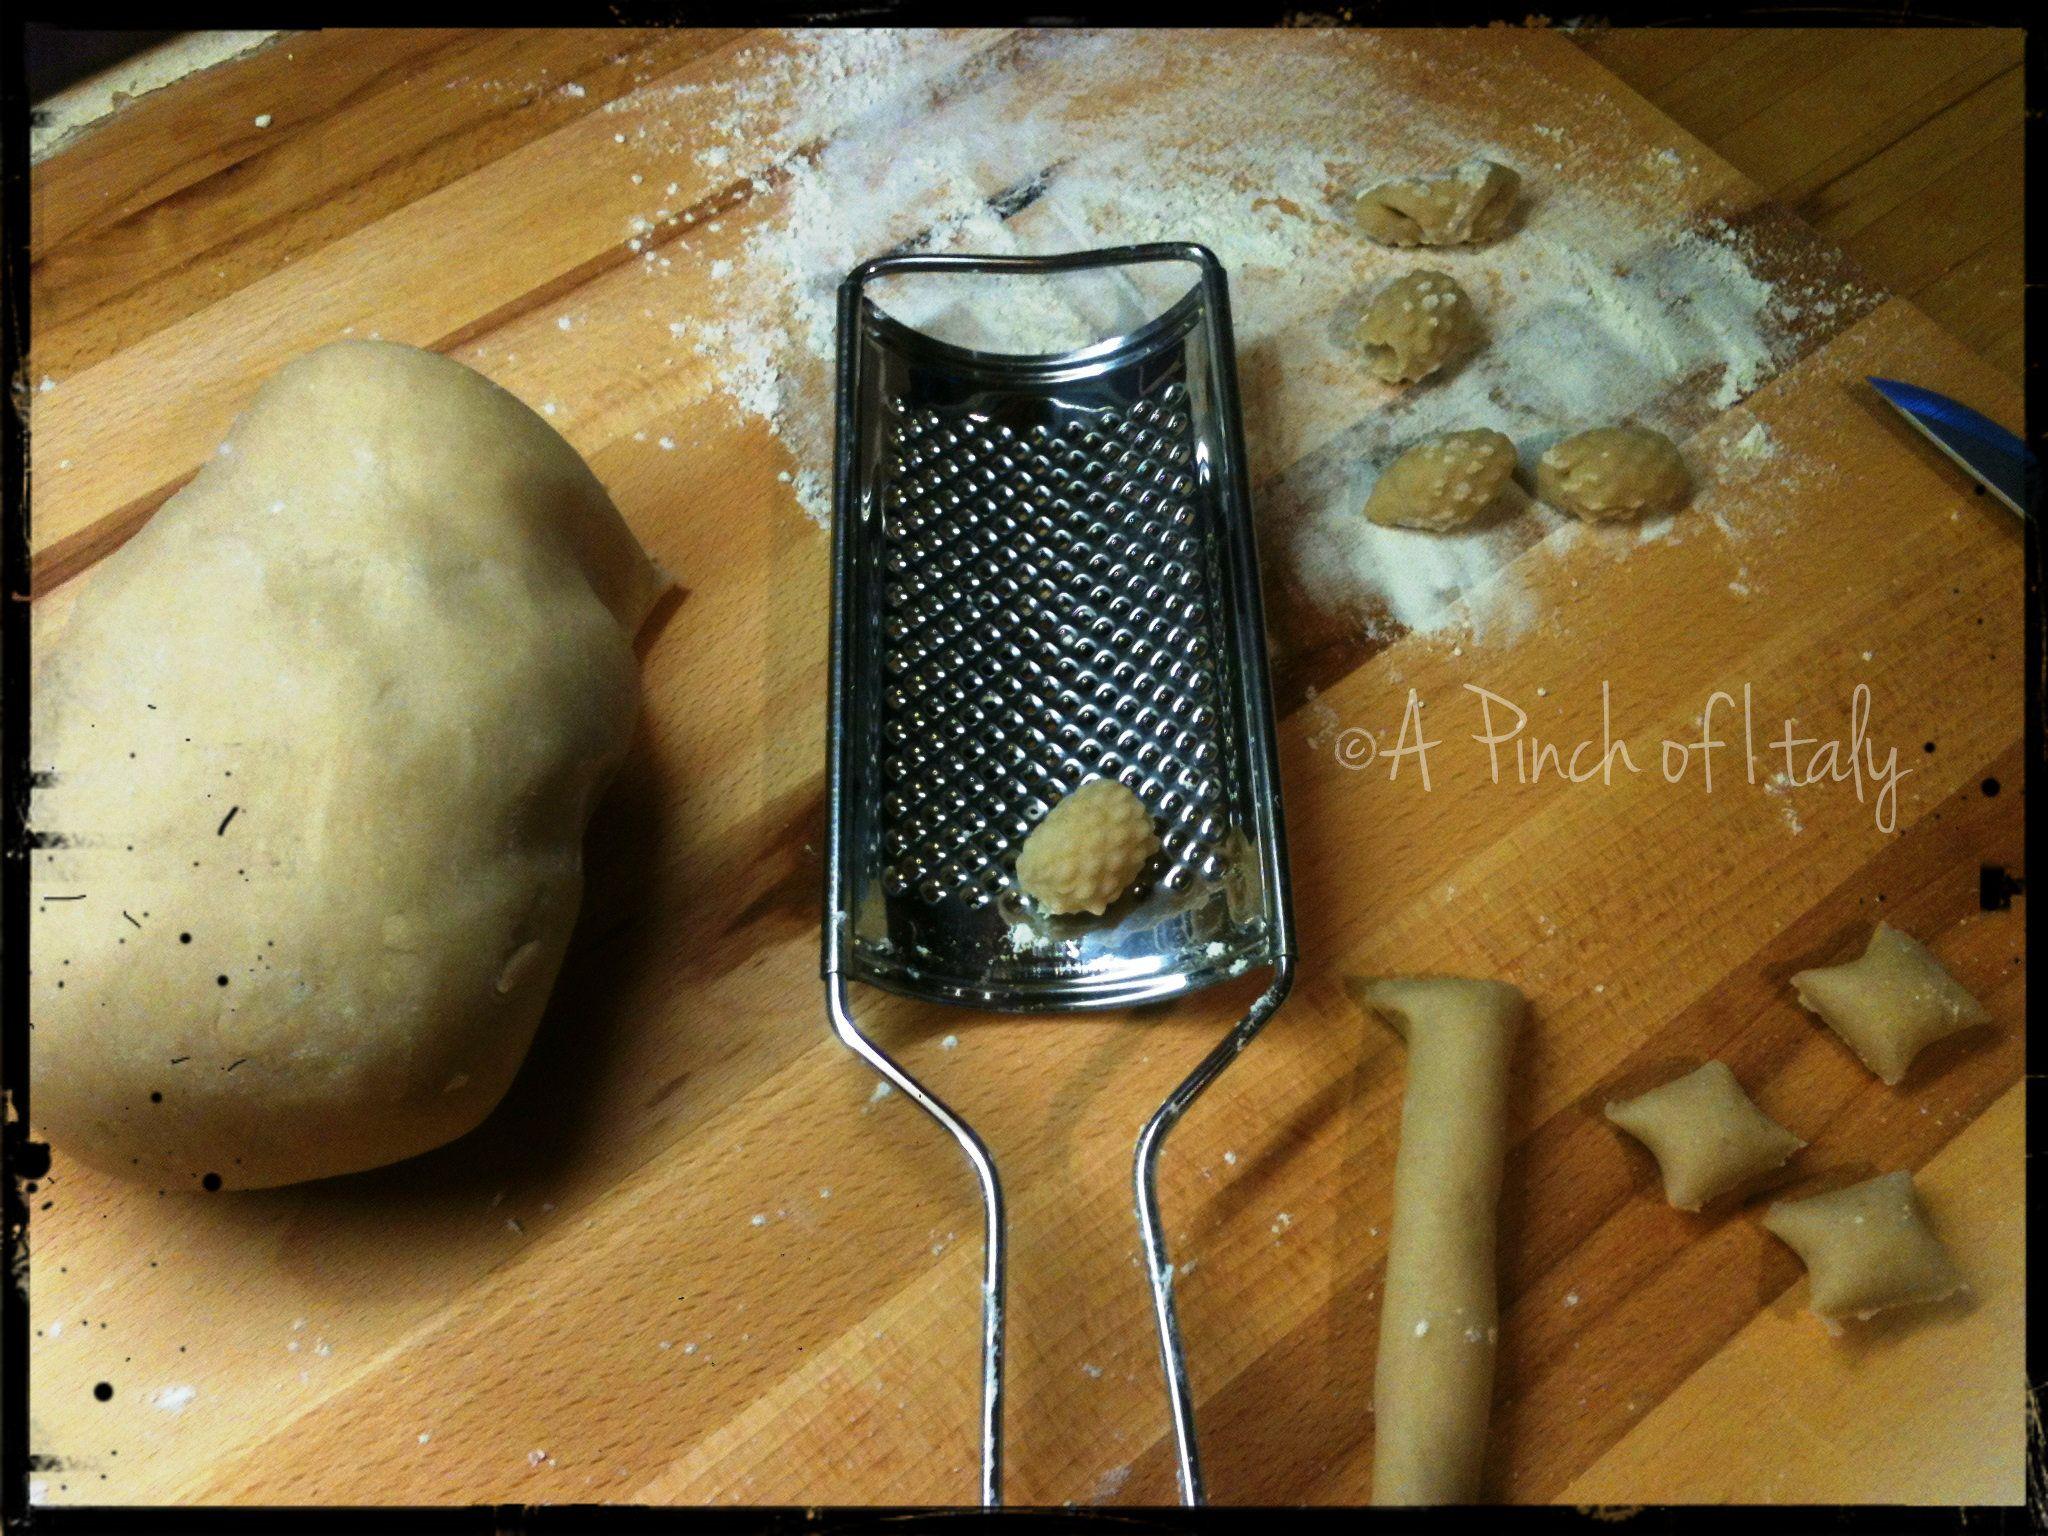 Gnocchi di acqua e farina, ricetta base, a pinch of italy